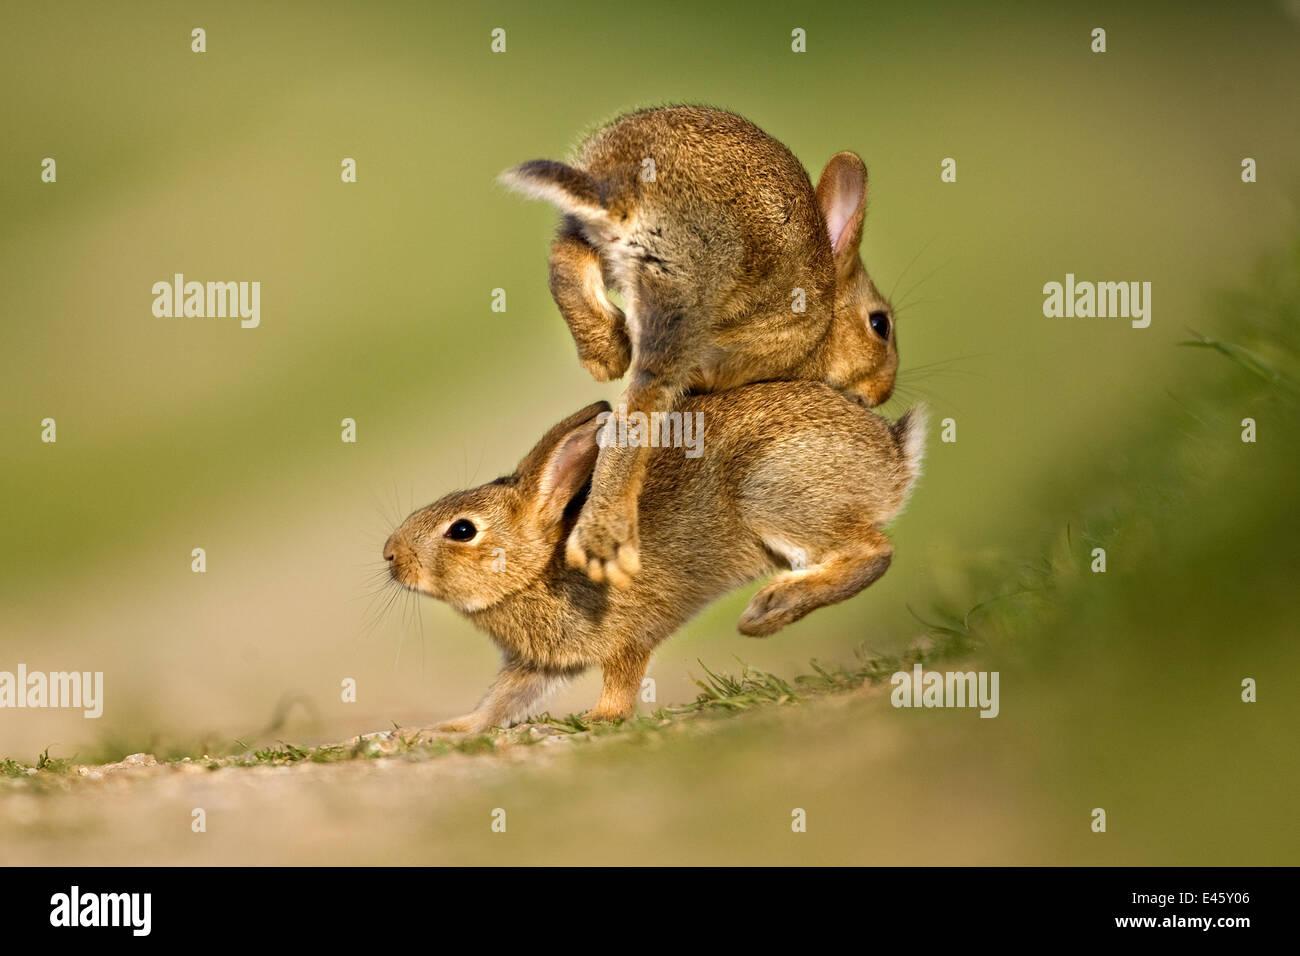 Deux Lapin Européen (Oryctolagus cuniculus) jeunes de jouer et de saut. Royaume-uni, août. Photo Stock